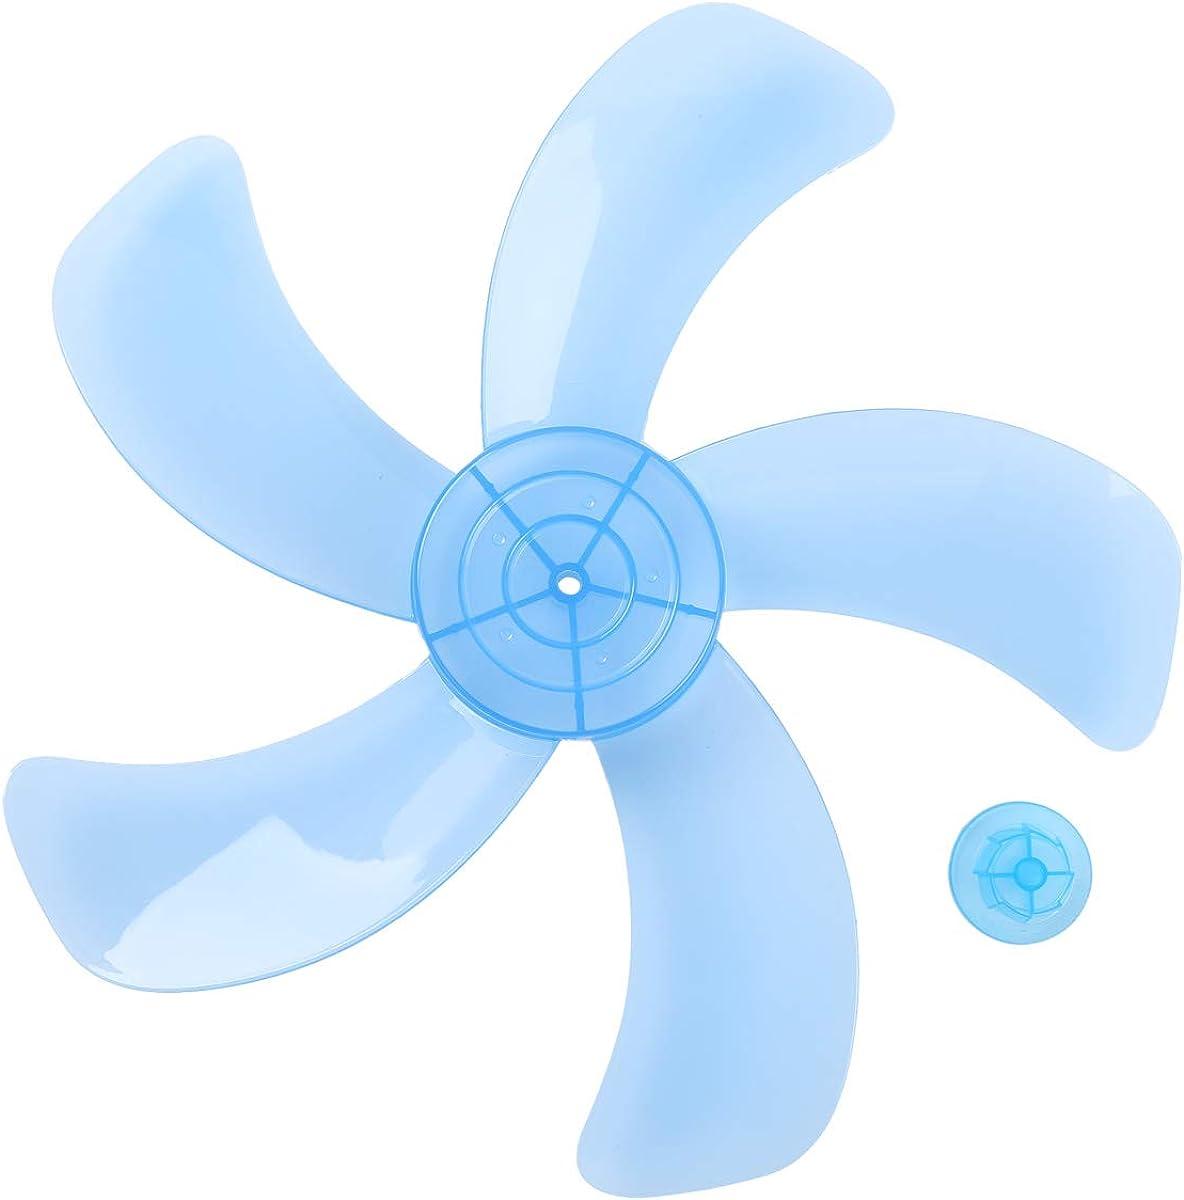 TiaoBug 16 Inches Aspas Plásticas 3/5 Hojas de Ventilador Con/Sin Tuerca para Ventilador de Techo de Pie de Mesa Hojas Repuestos para Ventilador